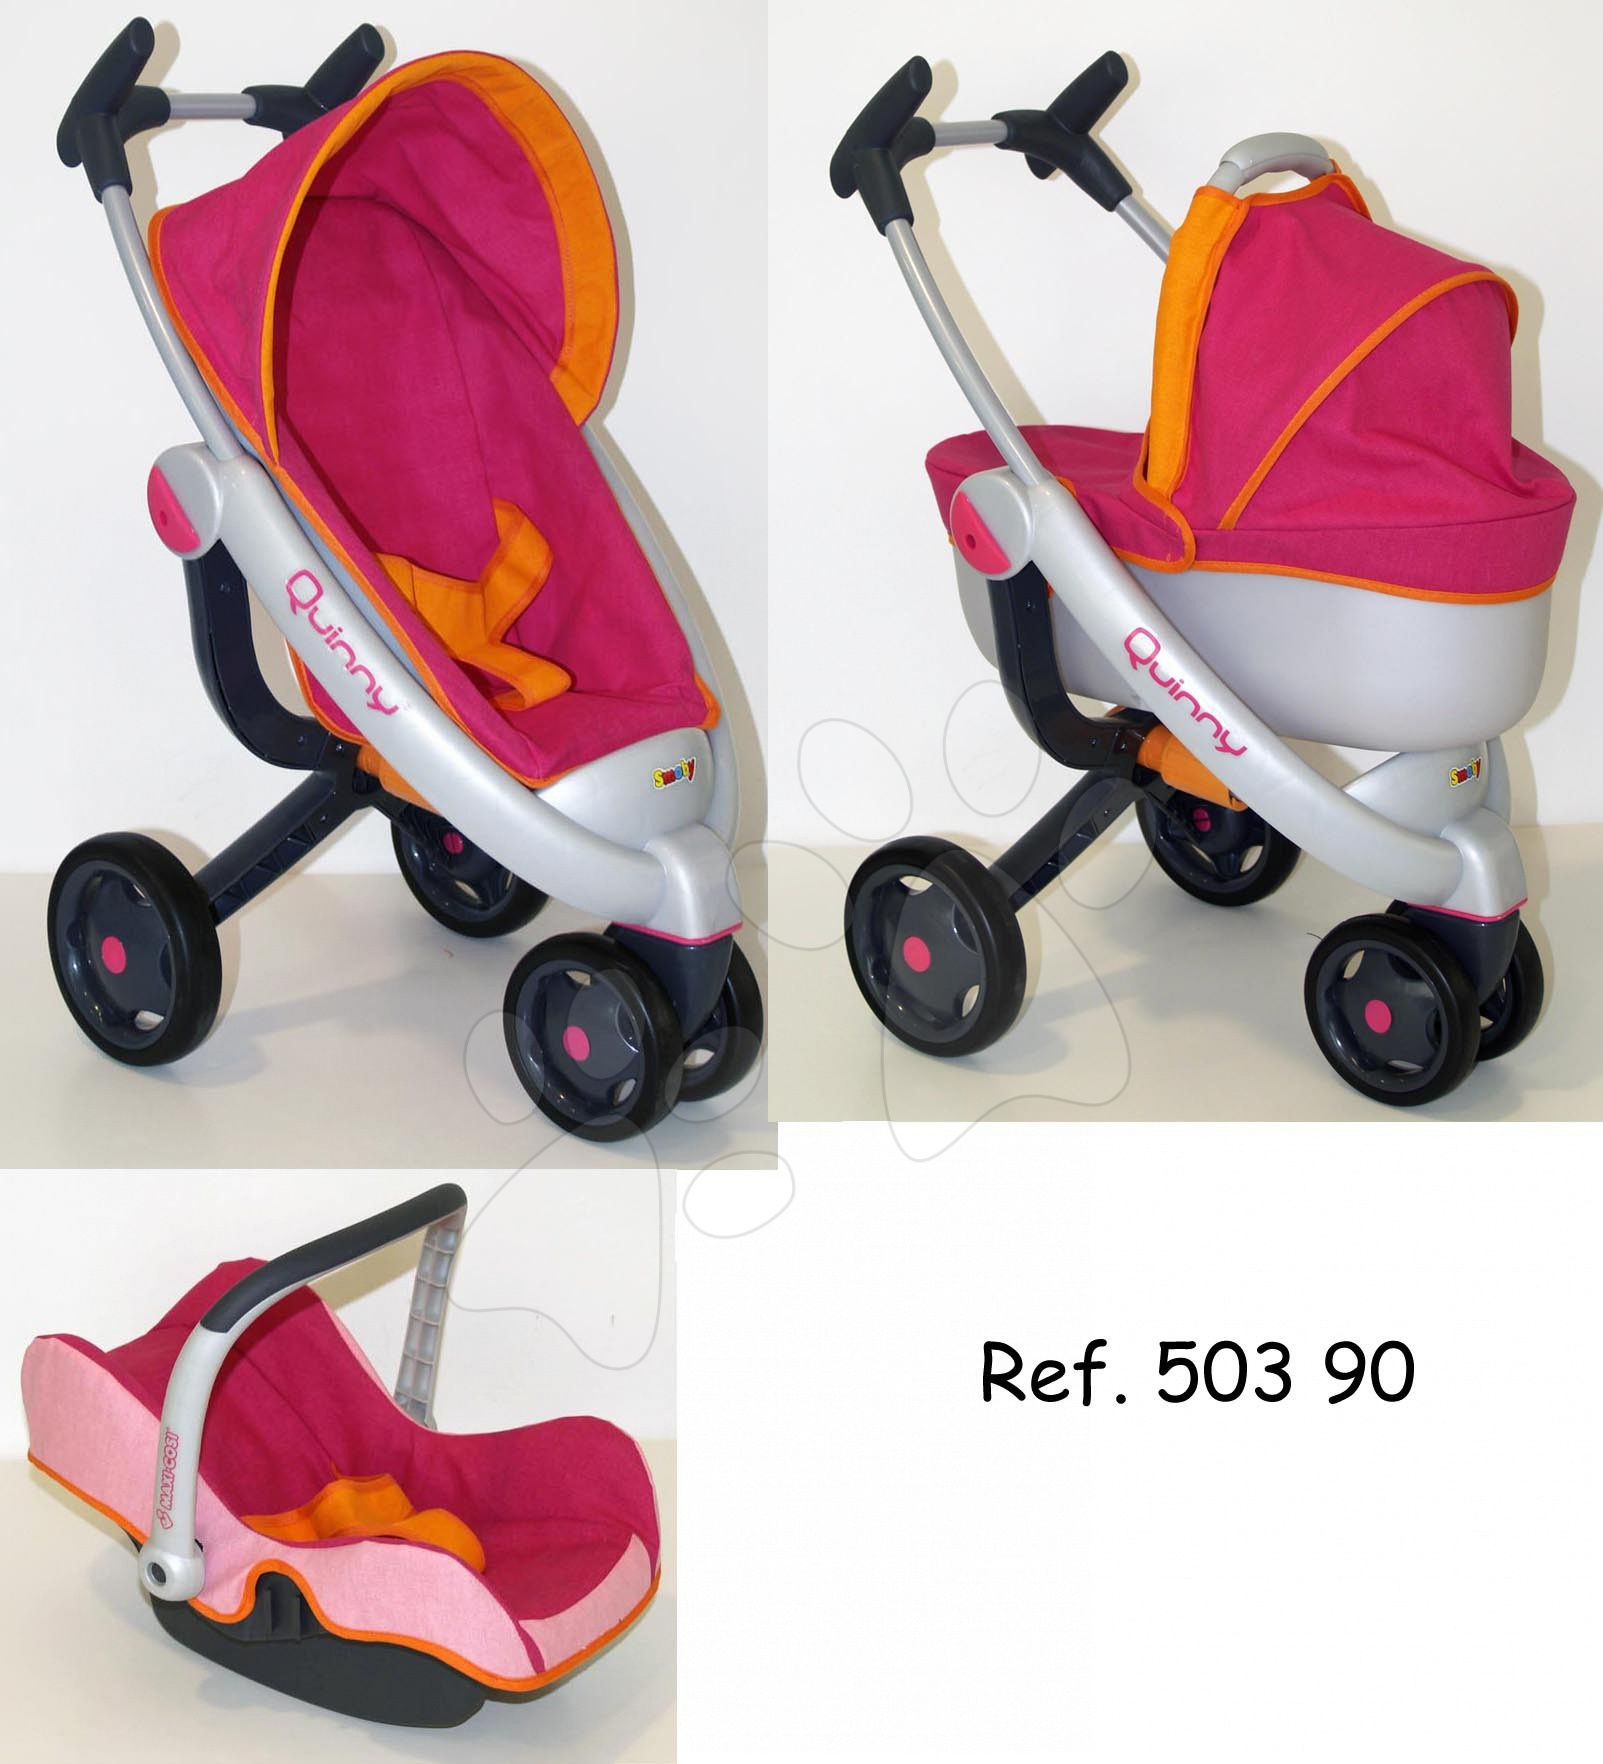 Staré položky - Maxi Cosi 5 v 1 pětikombinace Smoby hluboký, sportovní kočárek, autosedačka tmavě šedo-oranžová